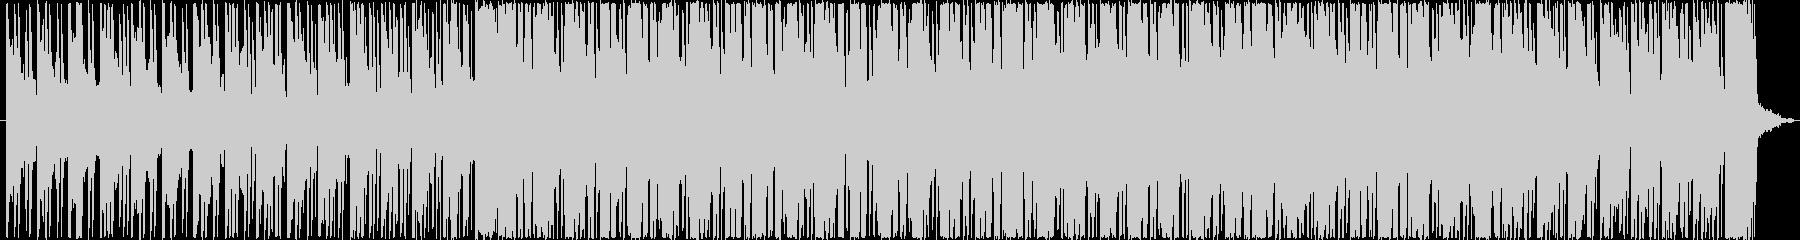 リズミックでコミカルな雰囲気のBGMの未再生の波形